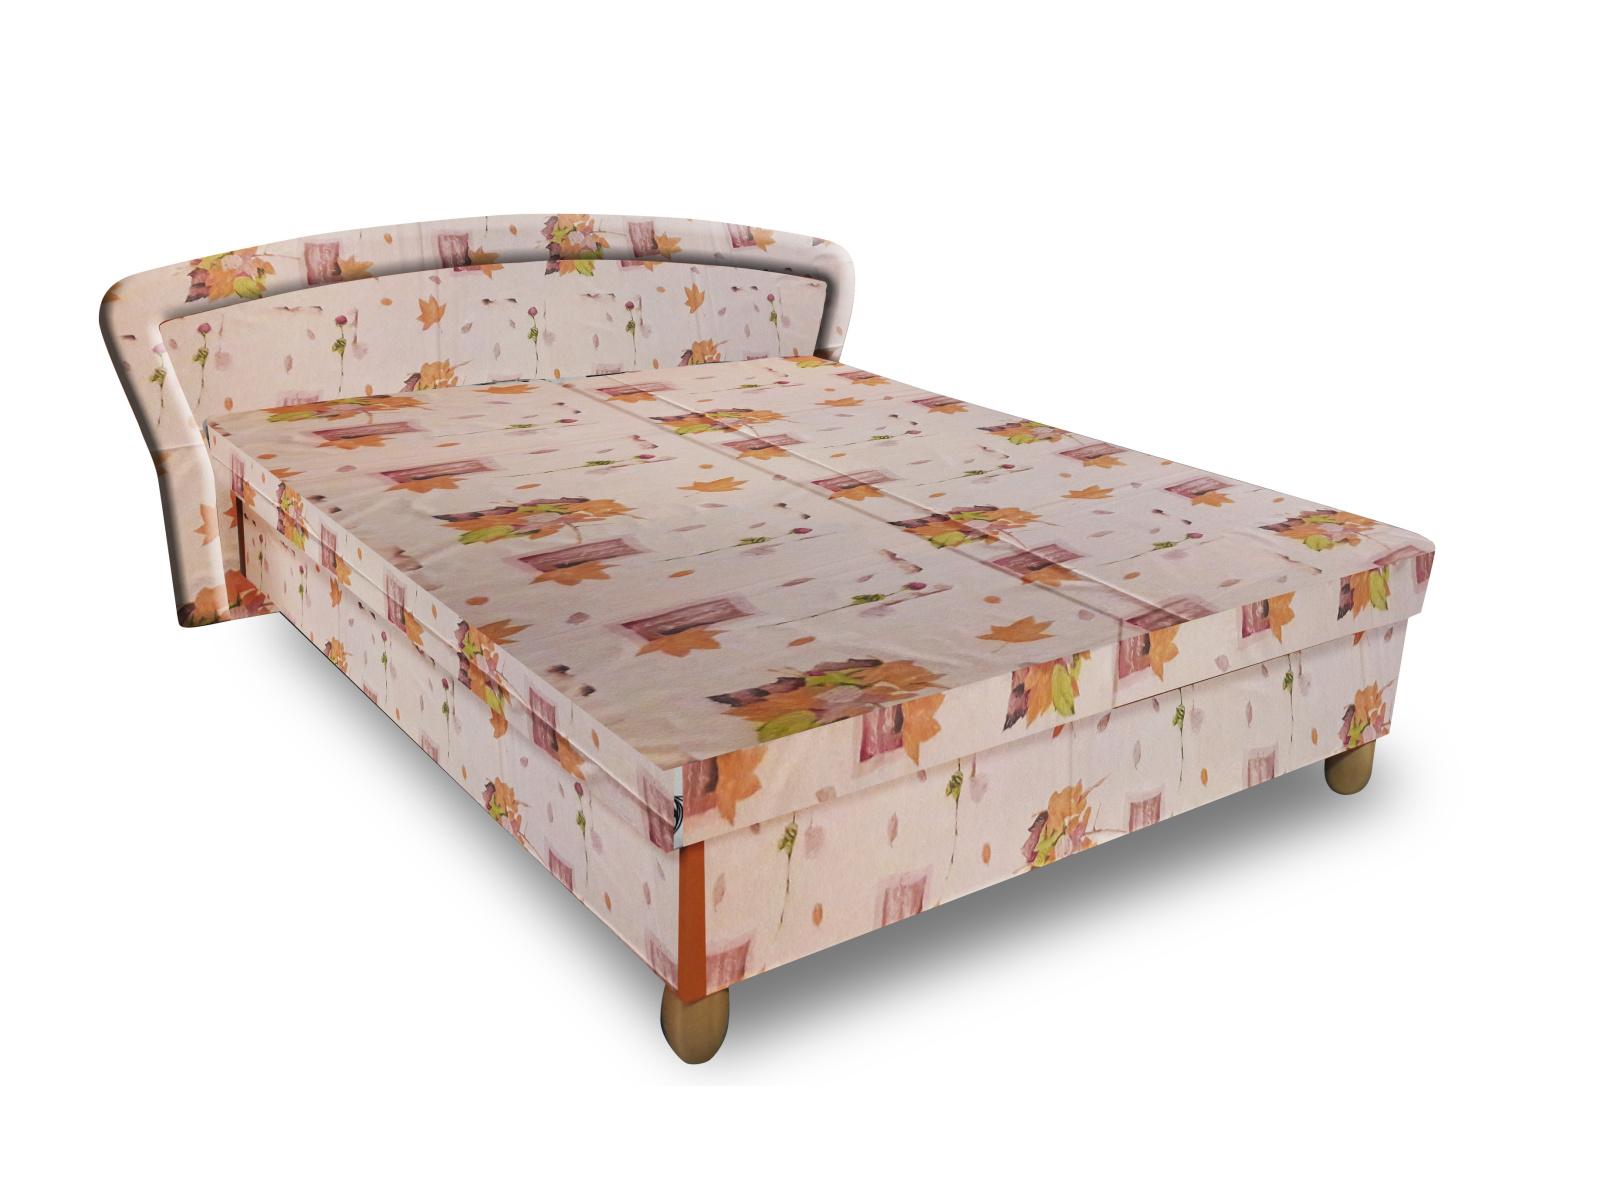 Smartshop Čalouněná postel PAVLA 180x200 cm, béžová látka